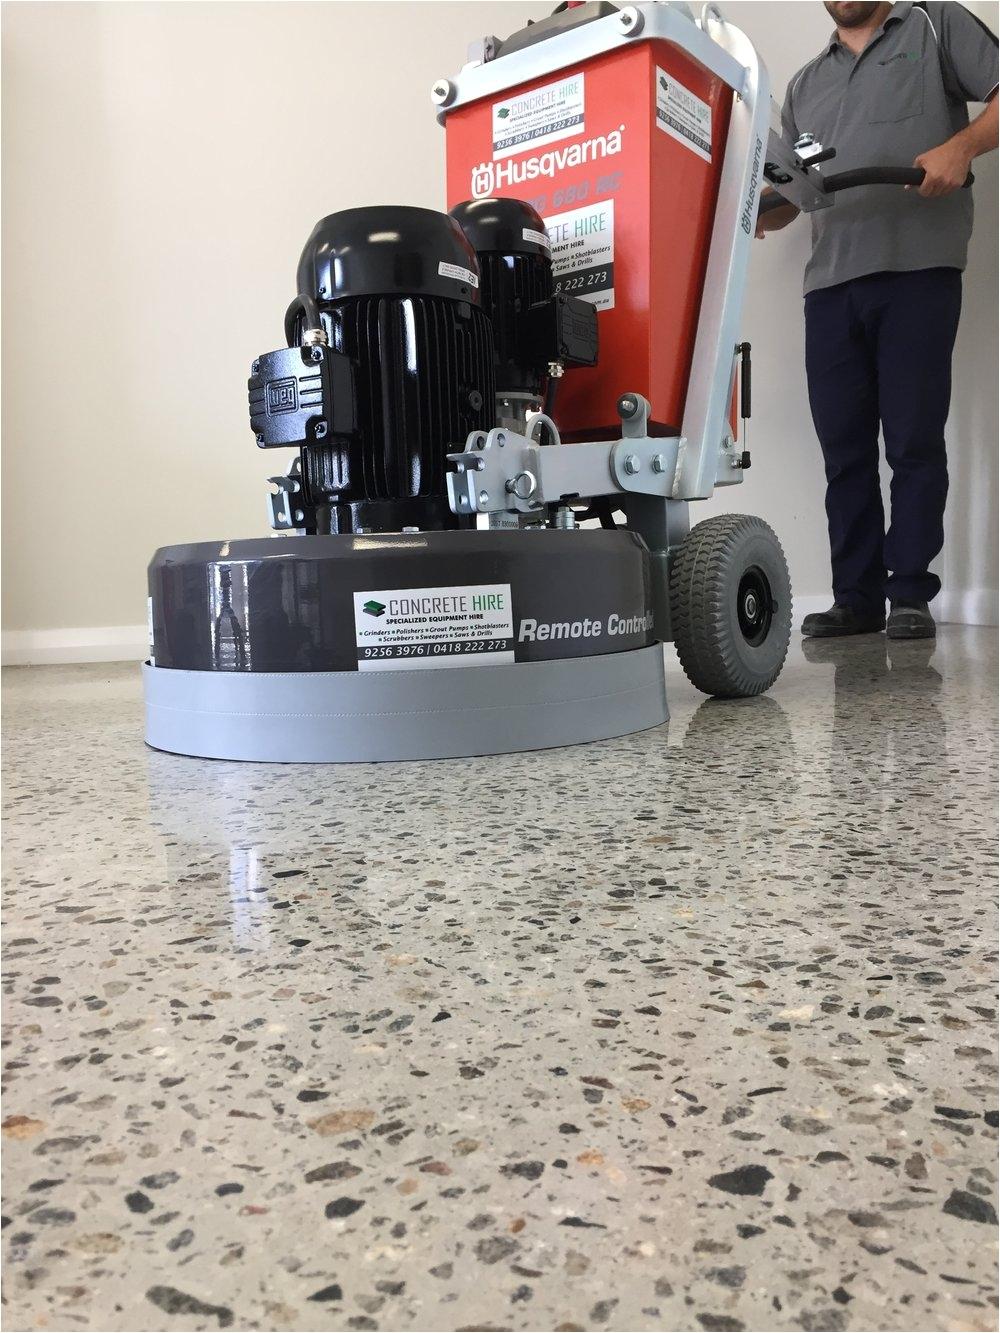 Husqvarna Floor Grinder Hire Captivating Concrete Grinder Polisher 25 Spta 110v Professional 800w